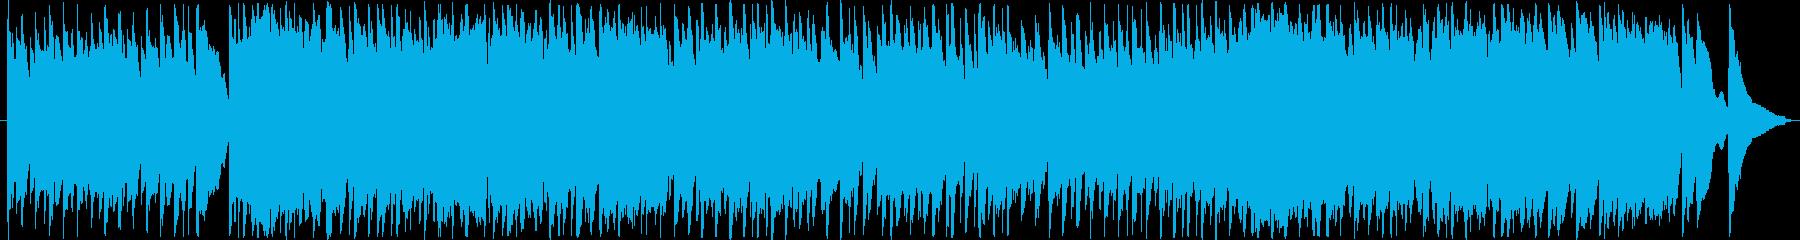 ほのぼのとした雰囲気の楽曲ですの再生済みの波形